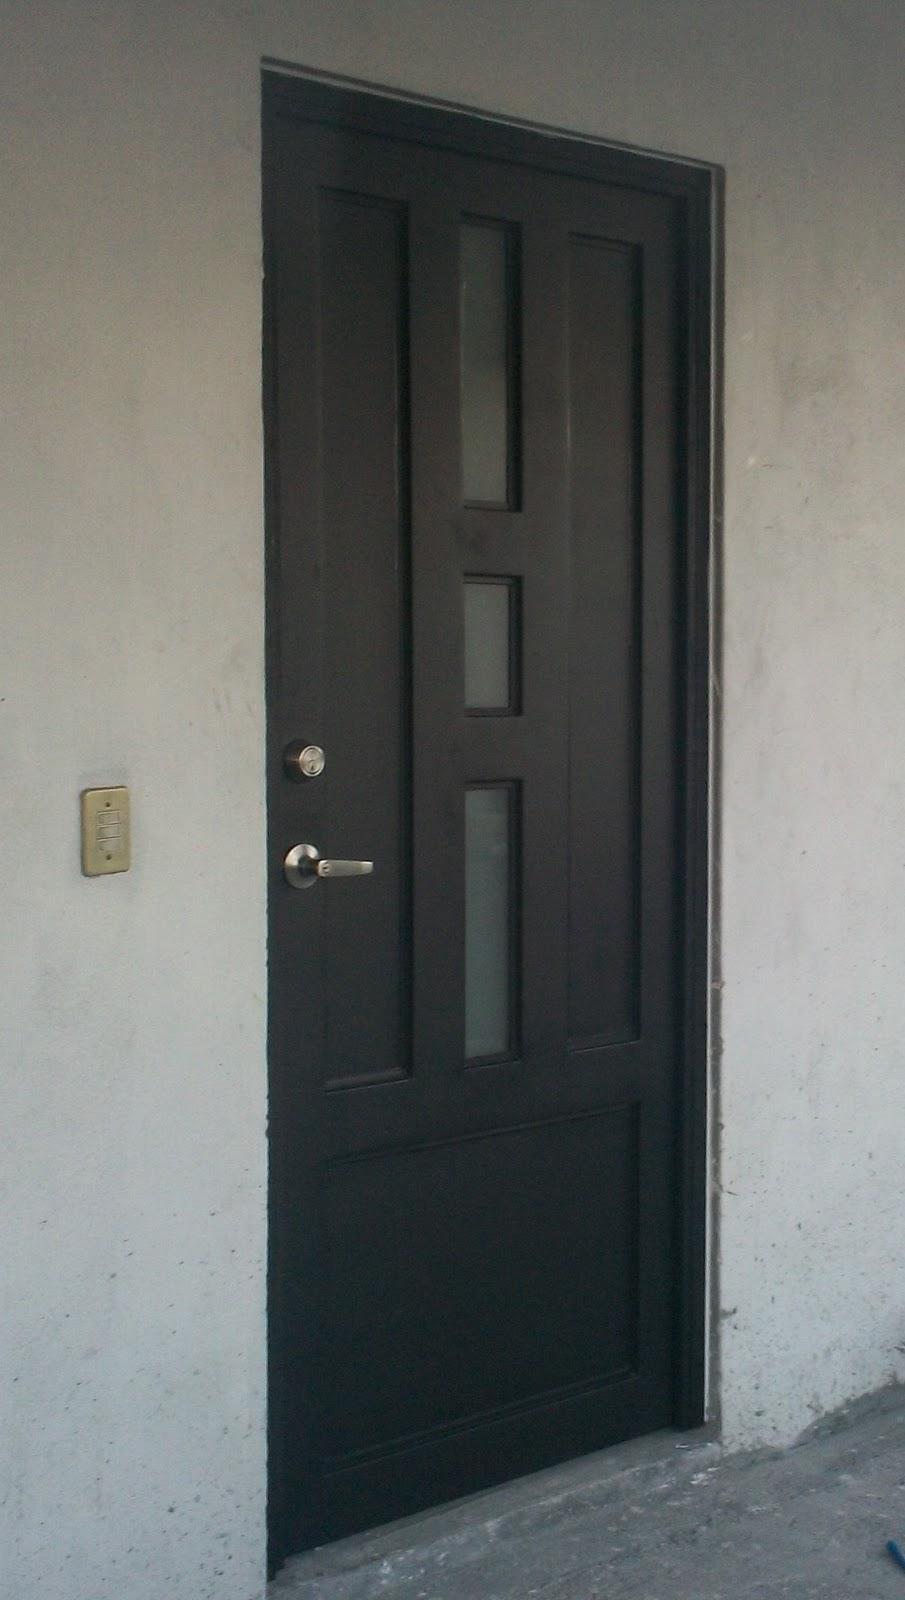 Fotos puertas principales com portal pelautscom picture for Modelos de puertas metalicas